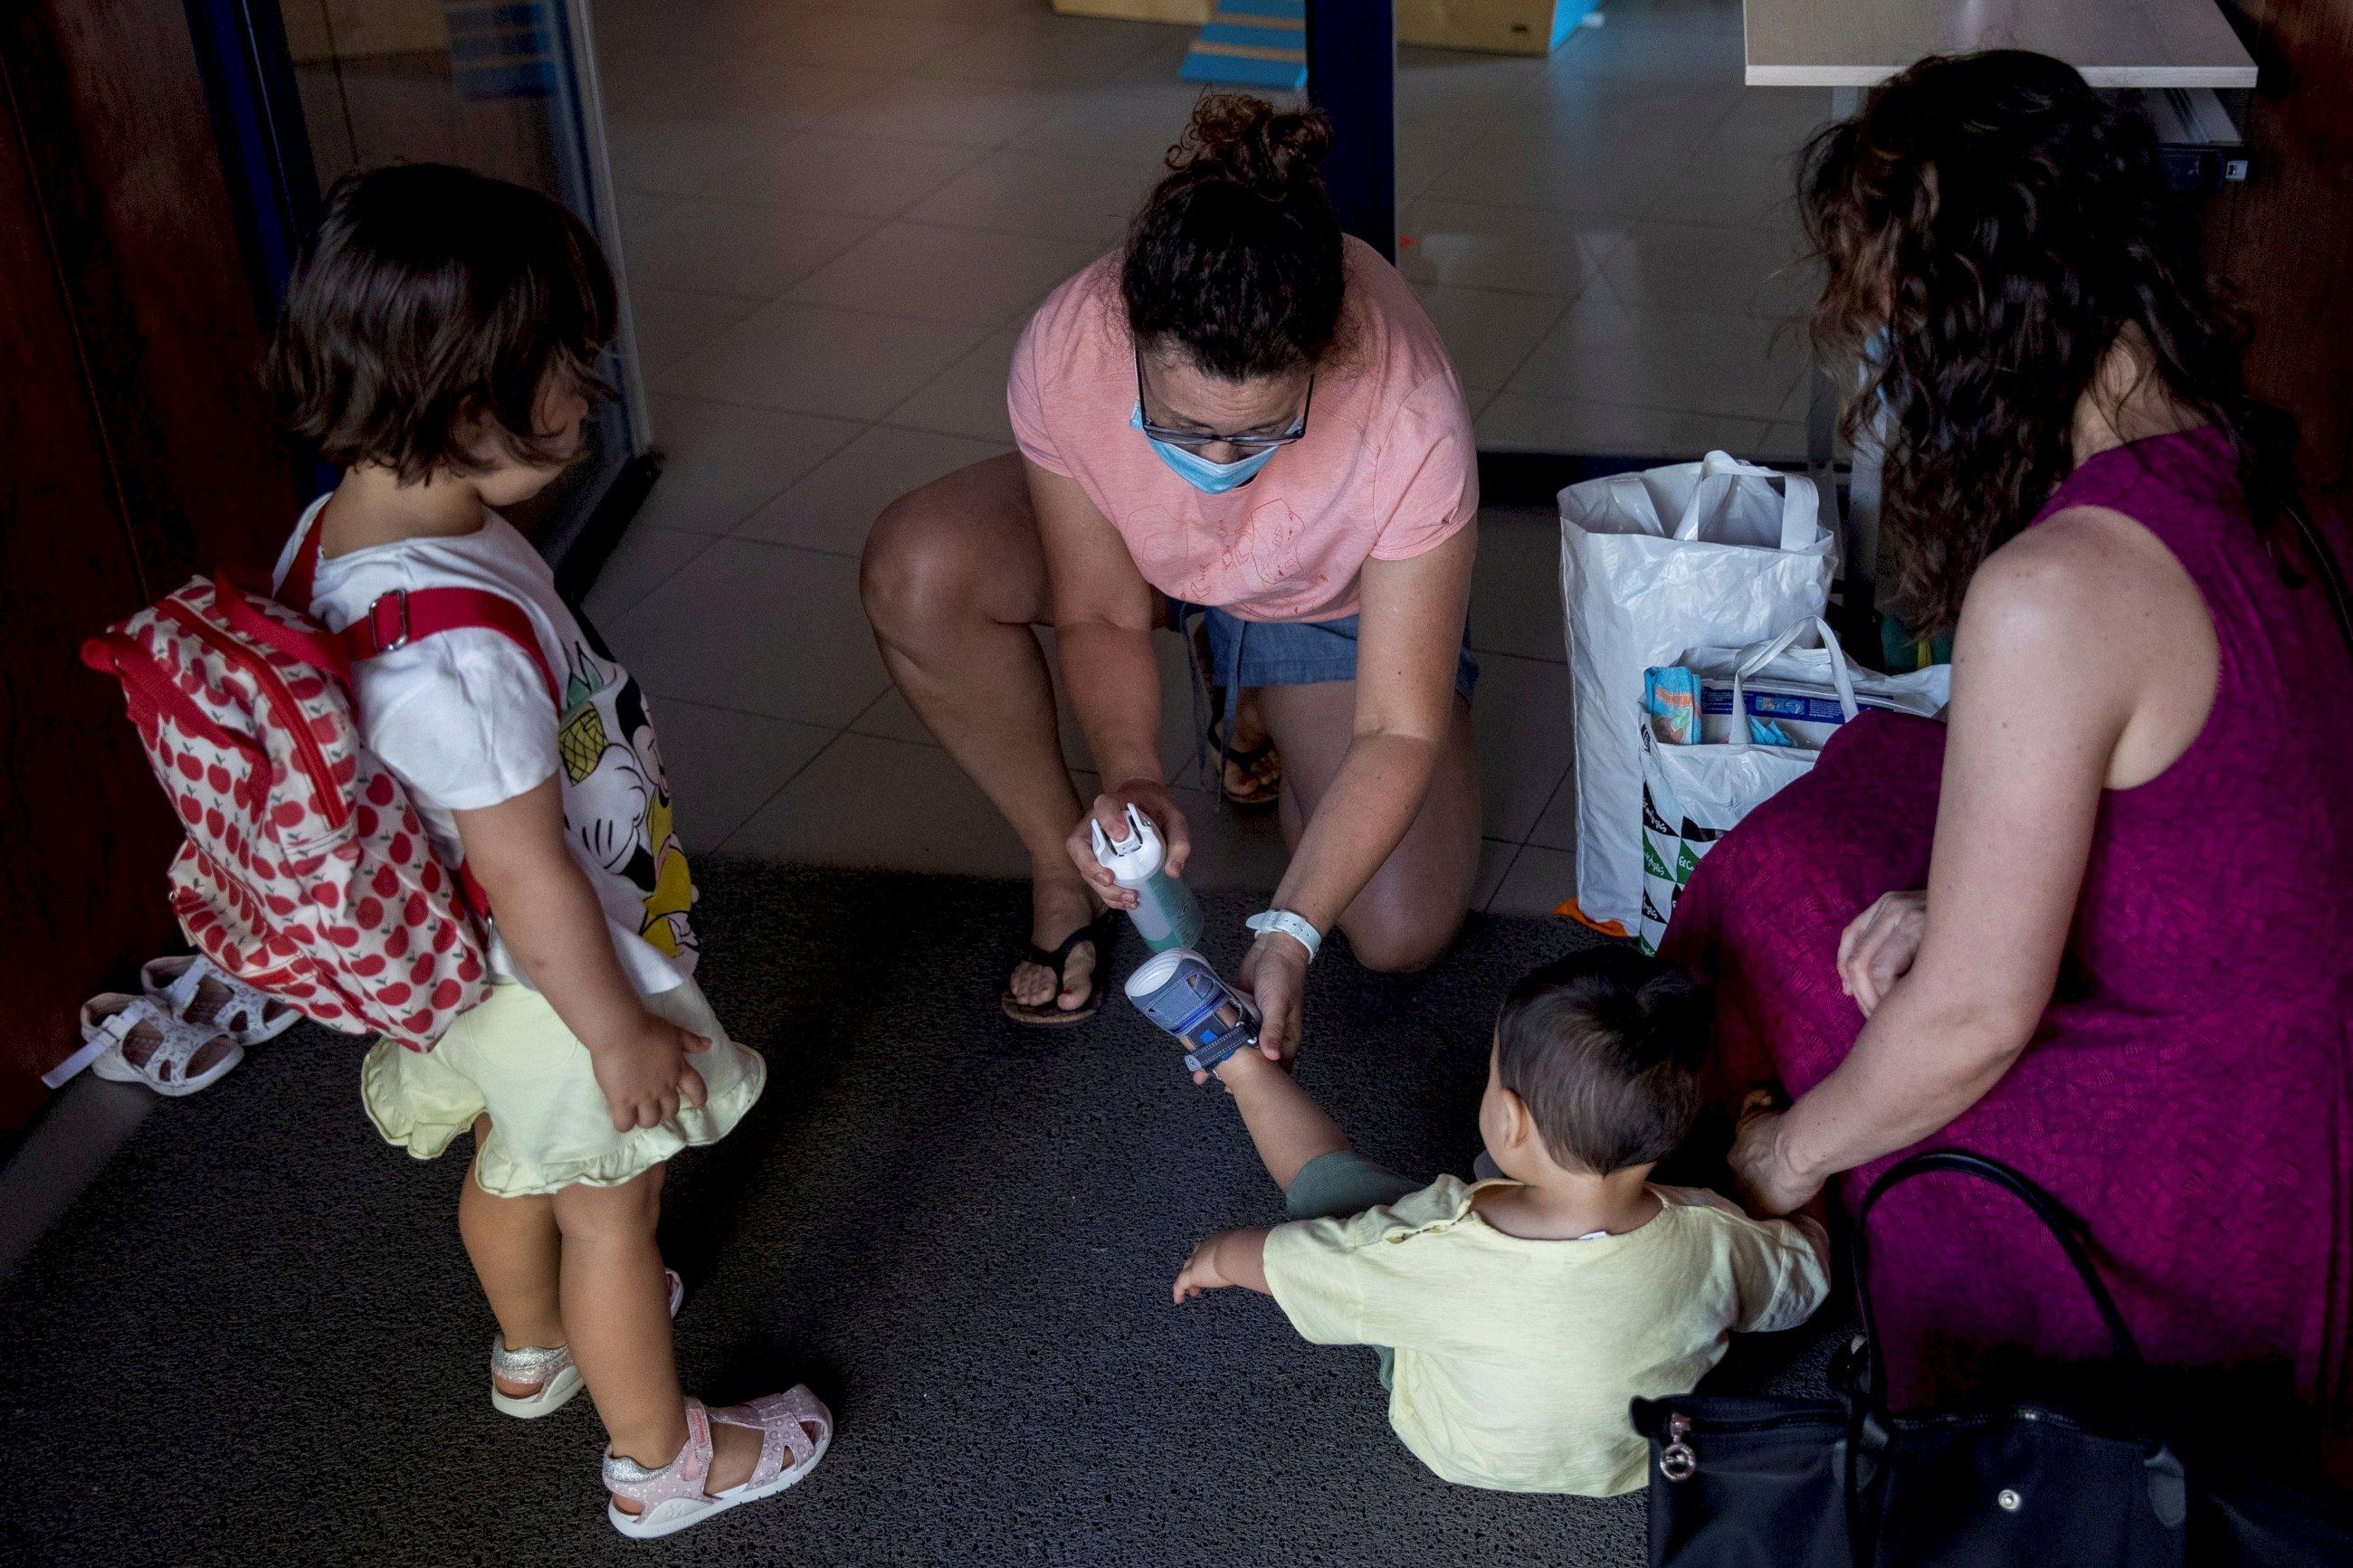 Una profesora aplica gel hidroalcoholico en las manos de un niño durante la reapertura de una escuela infantil. Foto: Efe/ Rodrigo Jiménez/Archivo